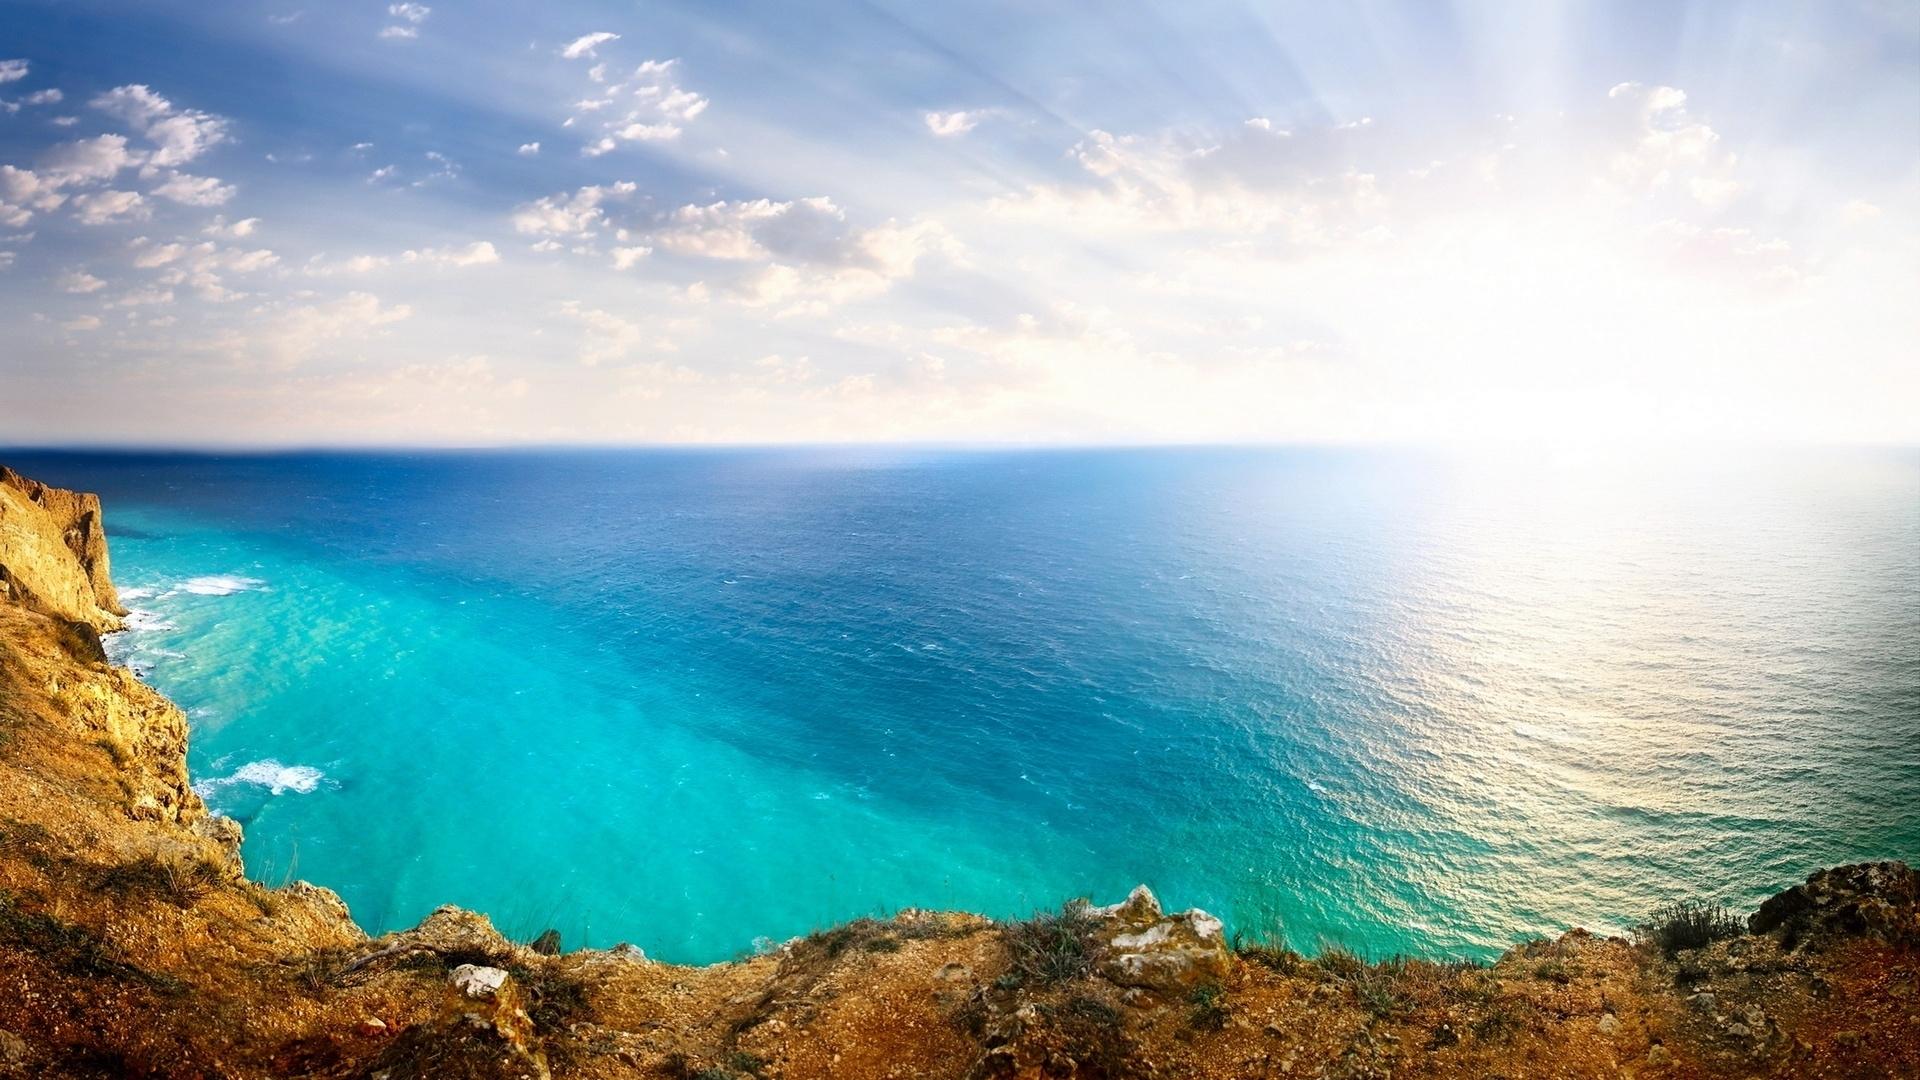 Citta Categoria Mare Spiagge Foto Mare Programmi Giochi